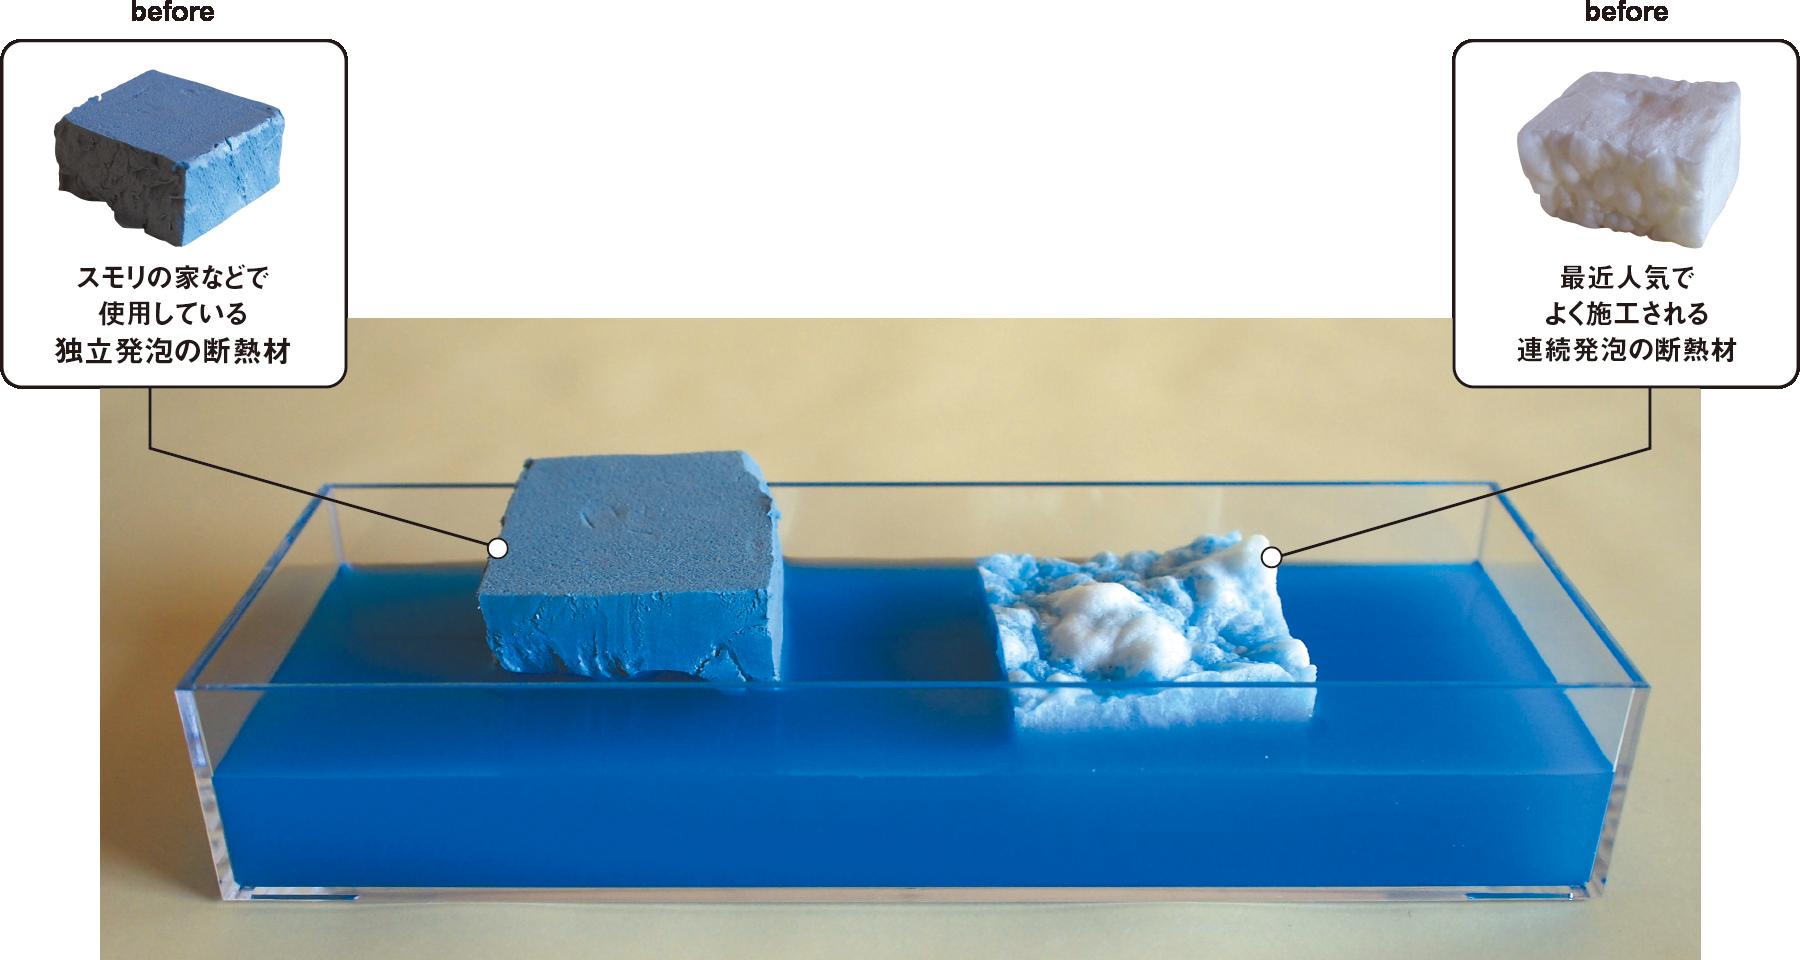 (左)スモリの家などで使用している独立発泡の断熱材、(右)最近人気でよく施工される連続発泡の断熱材